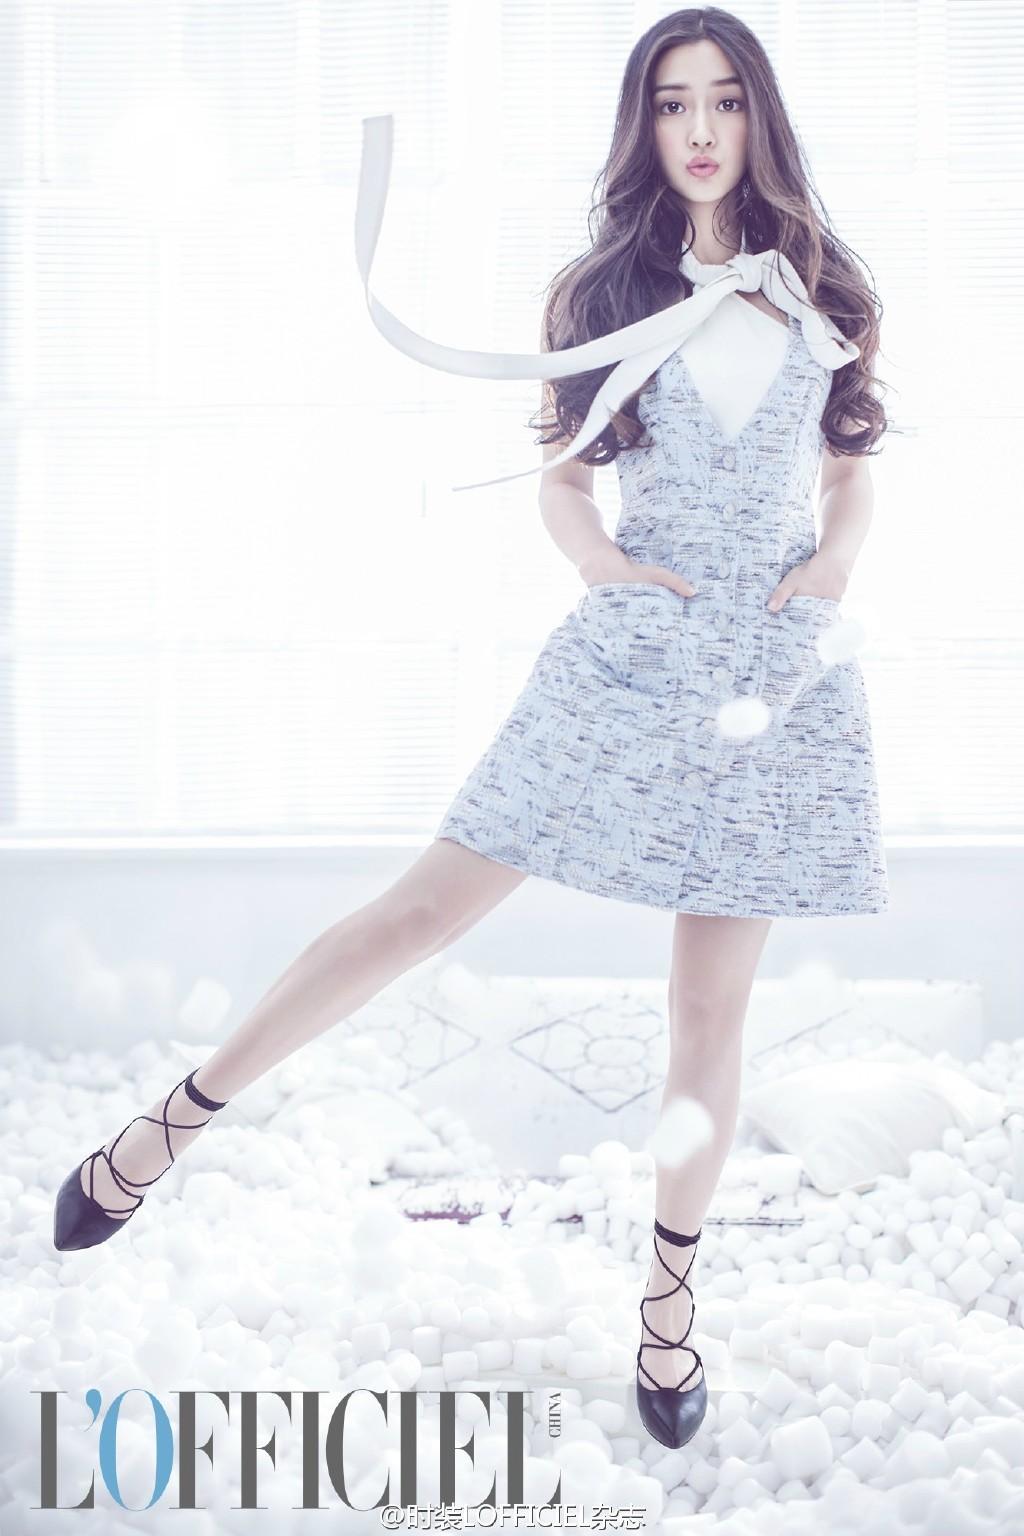 """Park Min Young diện váy trắng tung tăng trên phố, nhưng bí mật phía sau và cuộc """"đụng độ"""" với Angela Baby thì không phải ai cũng biết - Ảnh 6."""